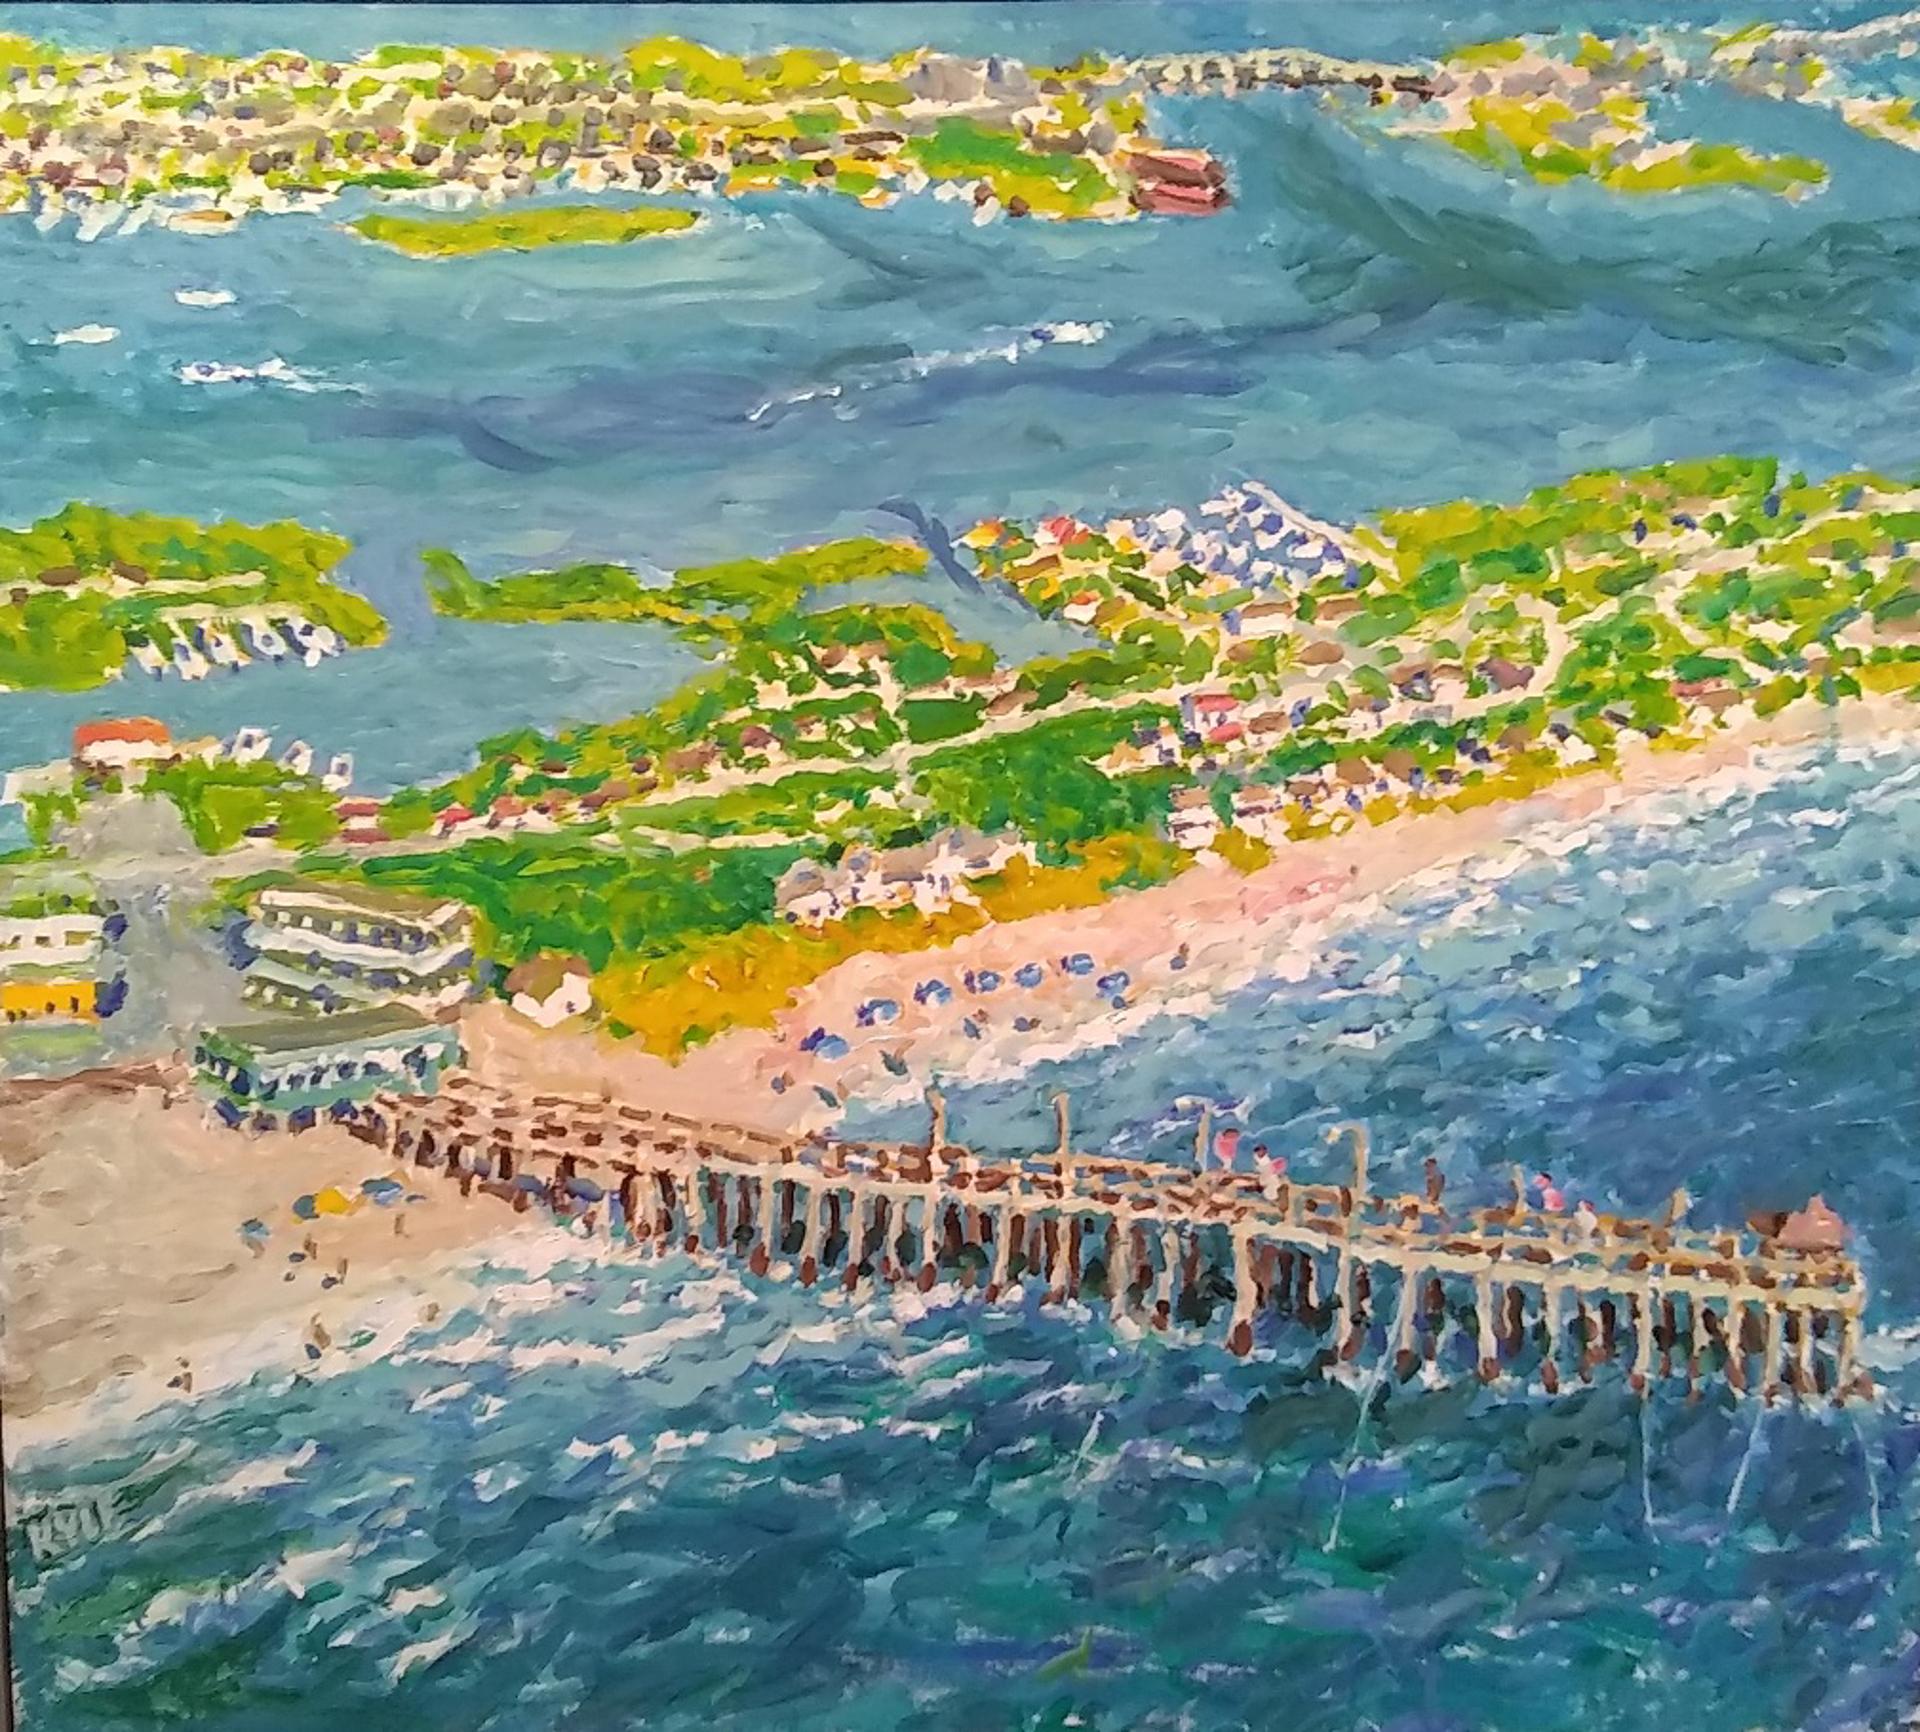 Sky View Over Atlantic Beach by Kyle Highsmith